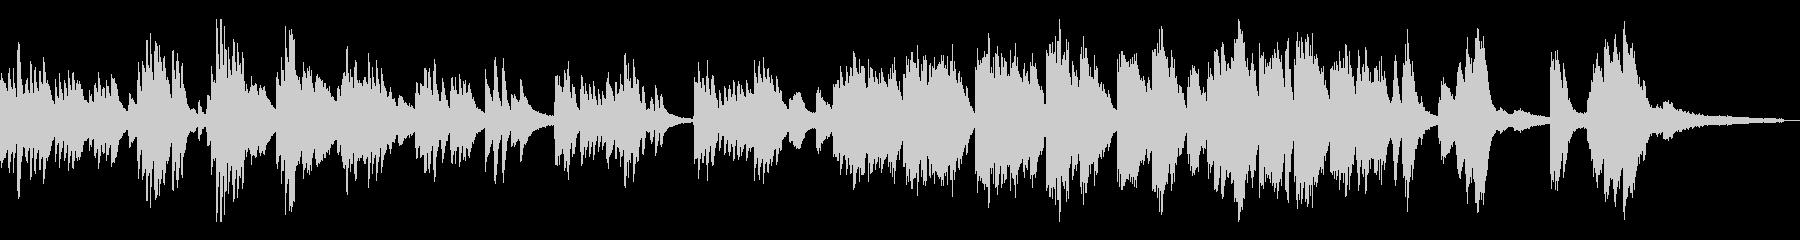 切ない/静かな和風曲13-ピアノソロ の未再生の波形